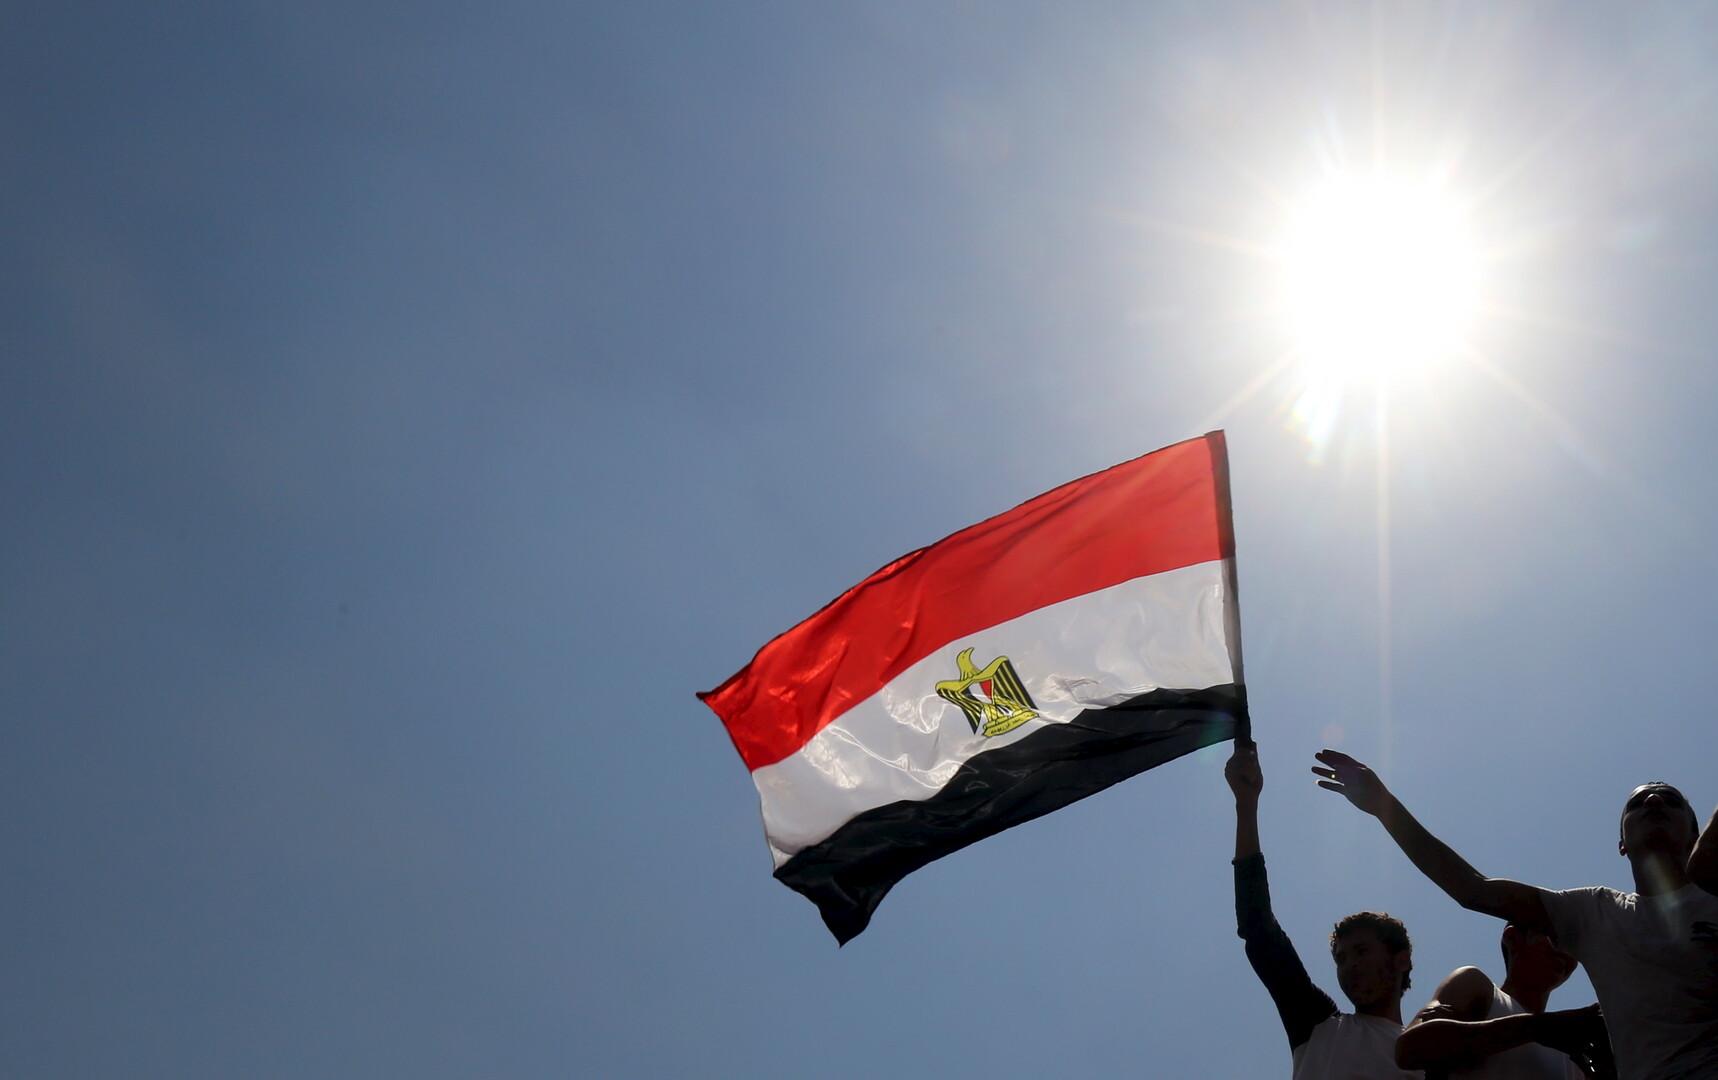 مصر تطالب الولايات المتحدة الأمريكية بضرورة وقف